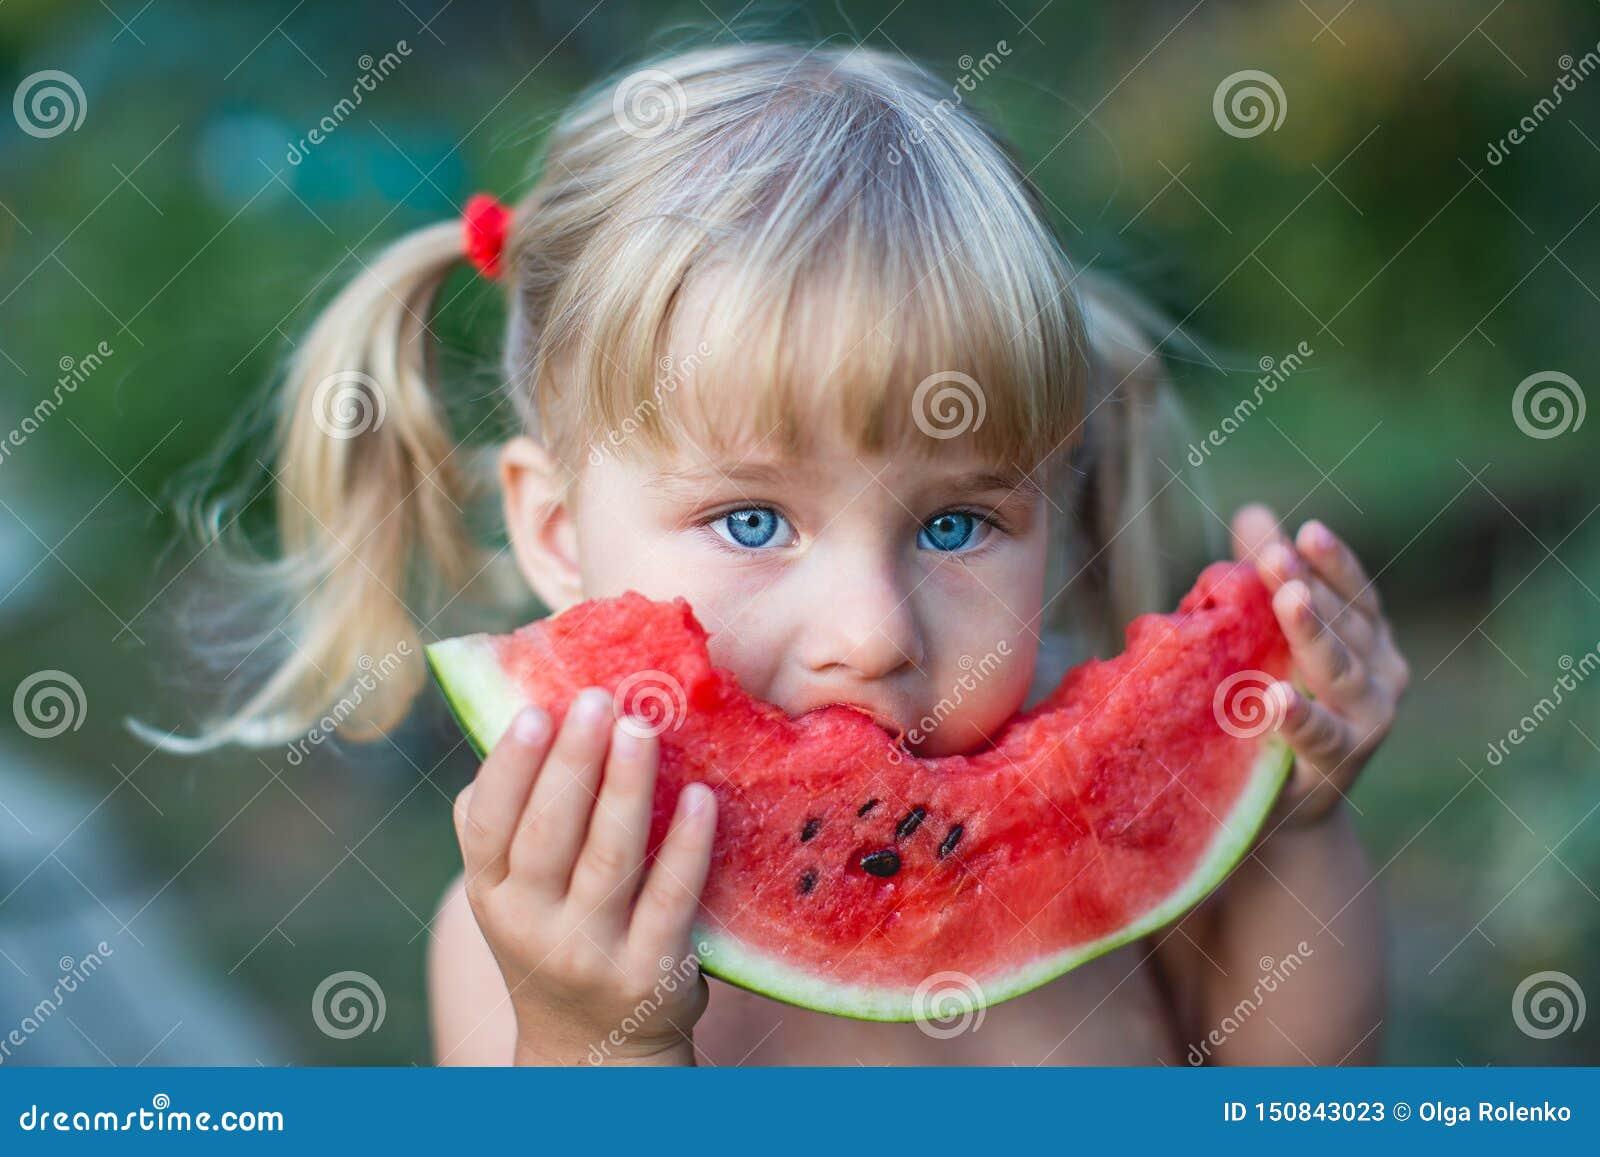 Retrato de la niña rubia hermosa con dos colas de caballo que come la sandía